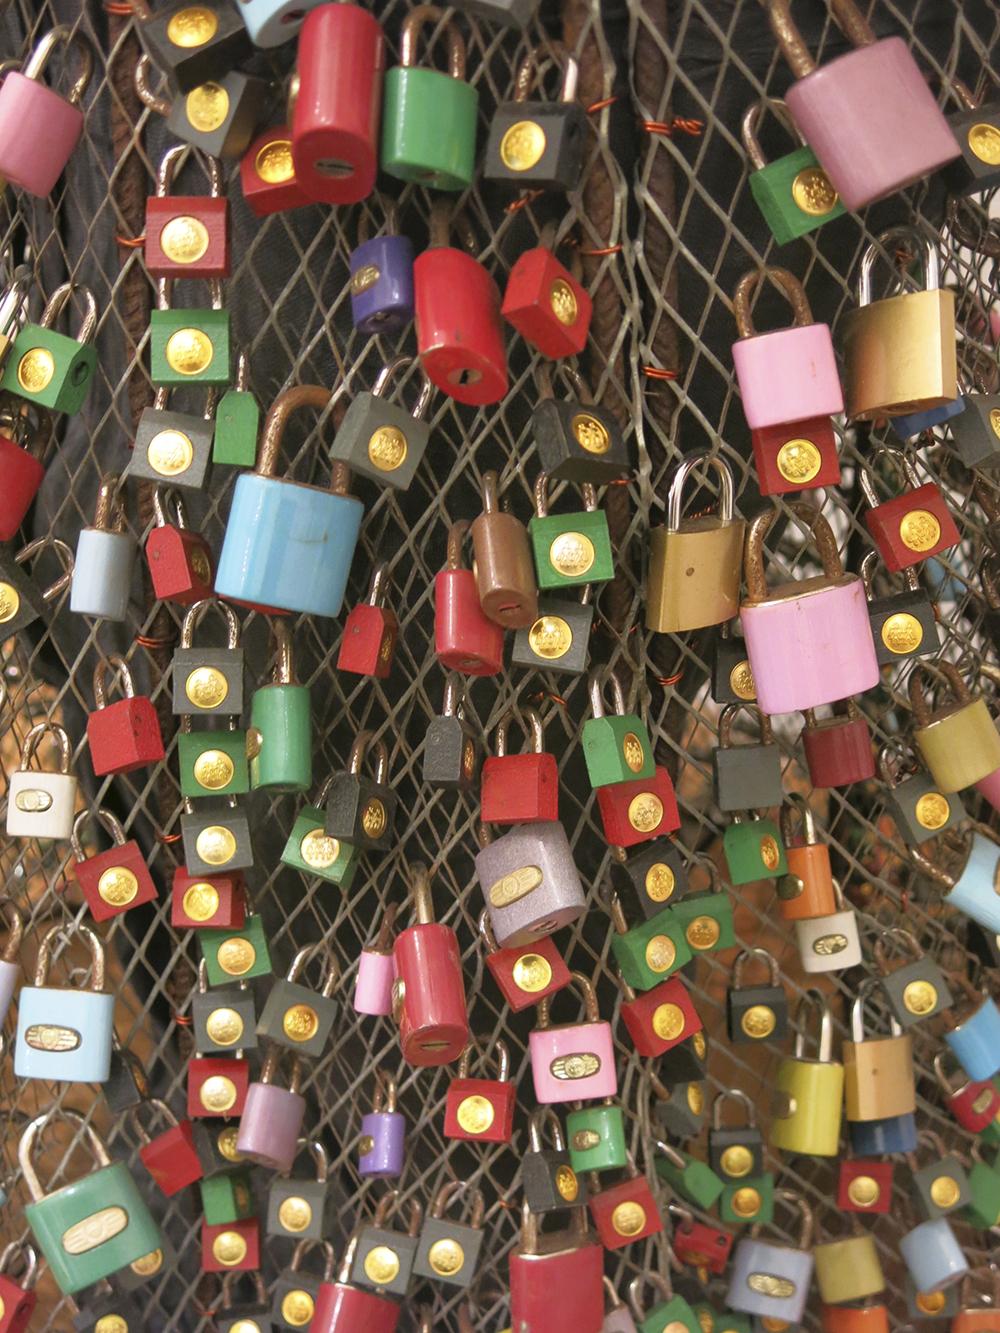 Sacred padlocks